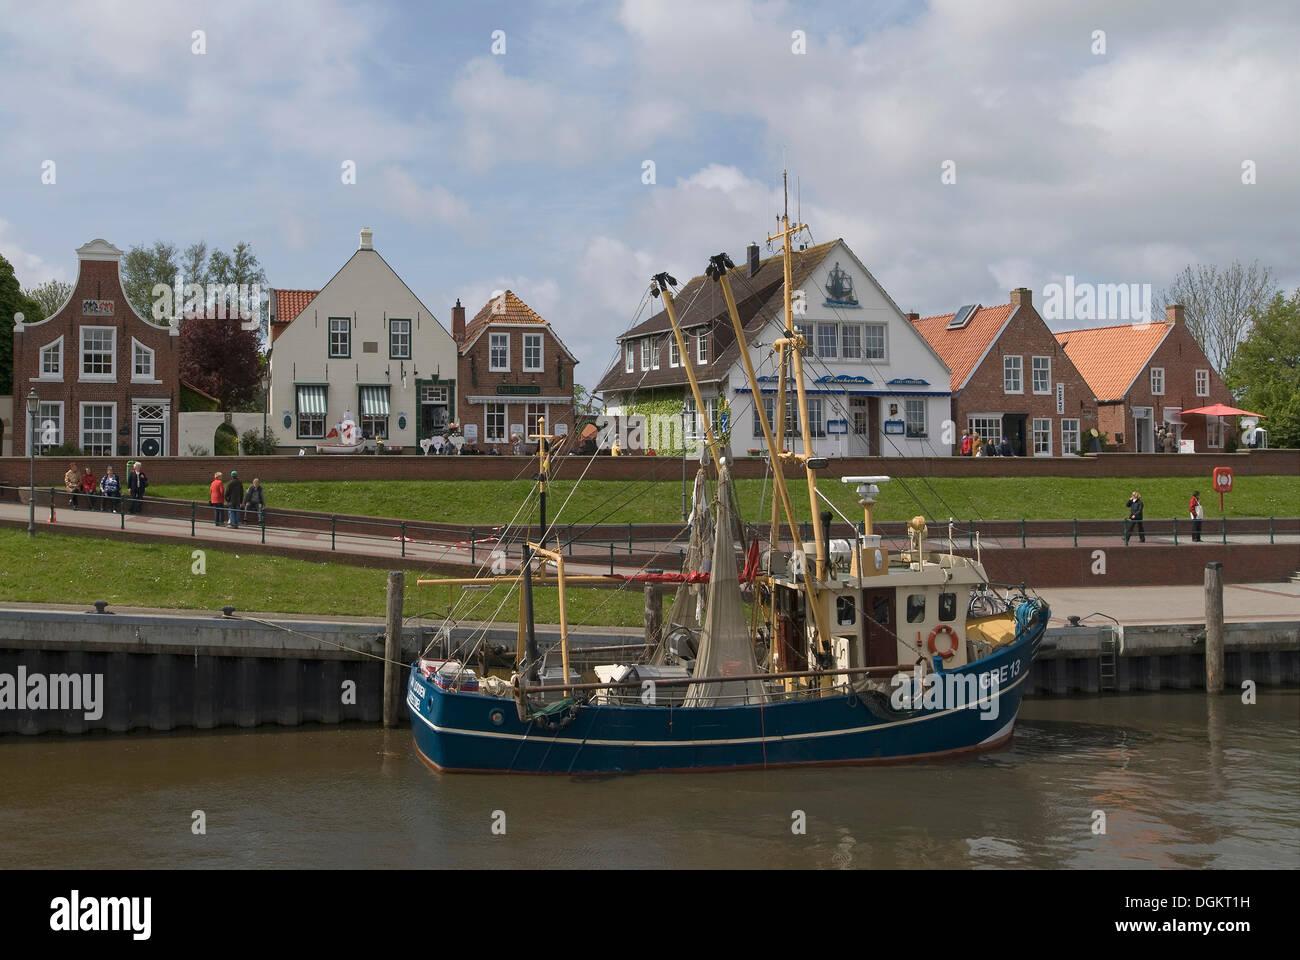 Krabbenkutter im Hafen von Greetsiel vor dem alten Deich, Krummhoern, Ostfriesland, Niedersachsen Stockbild